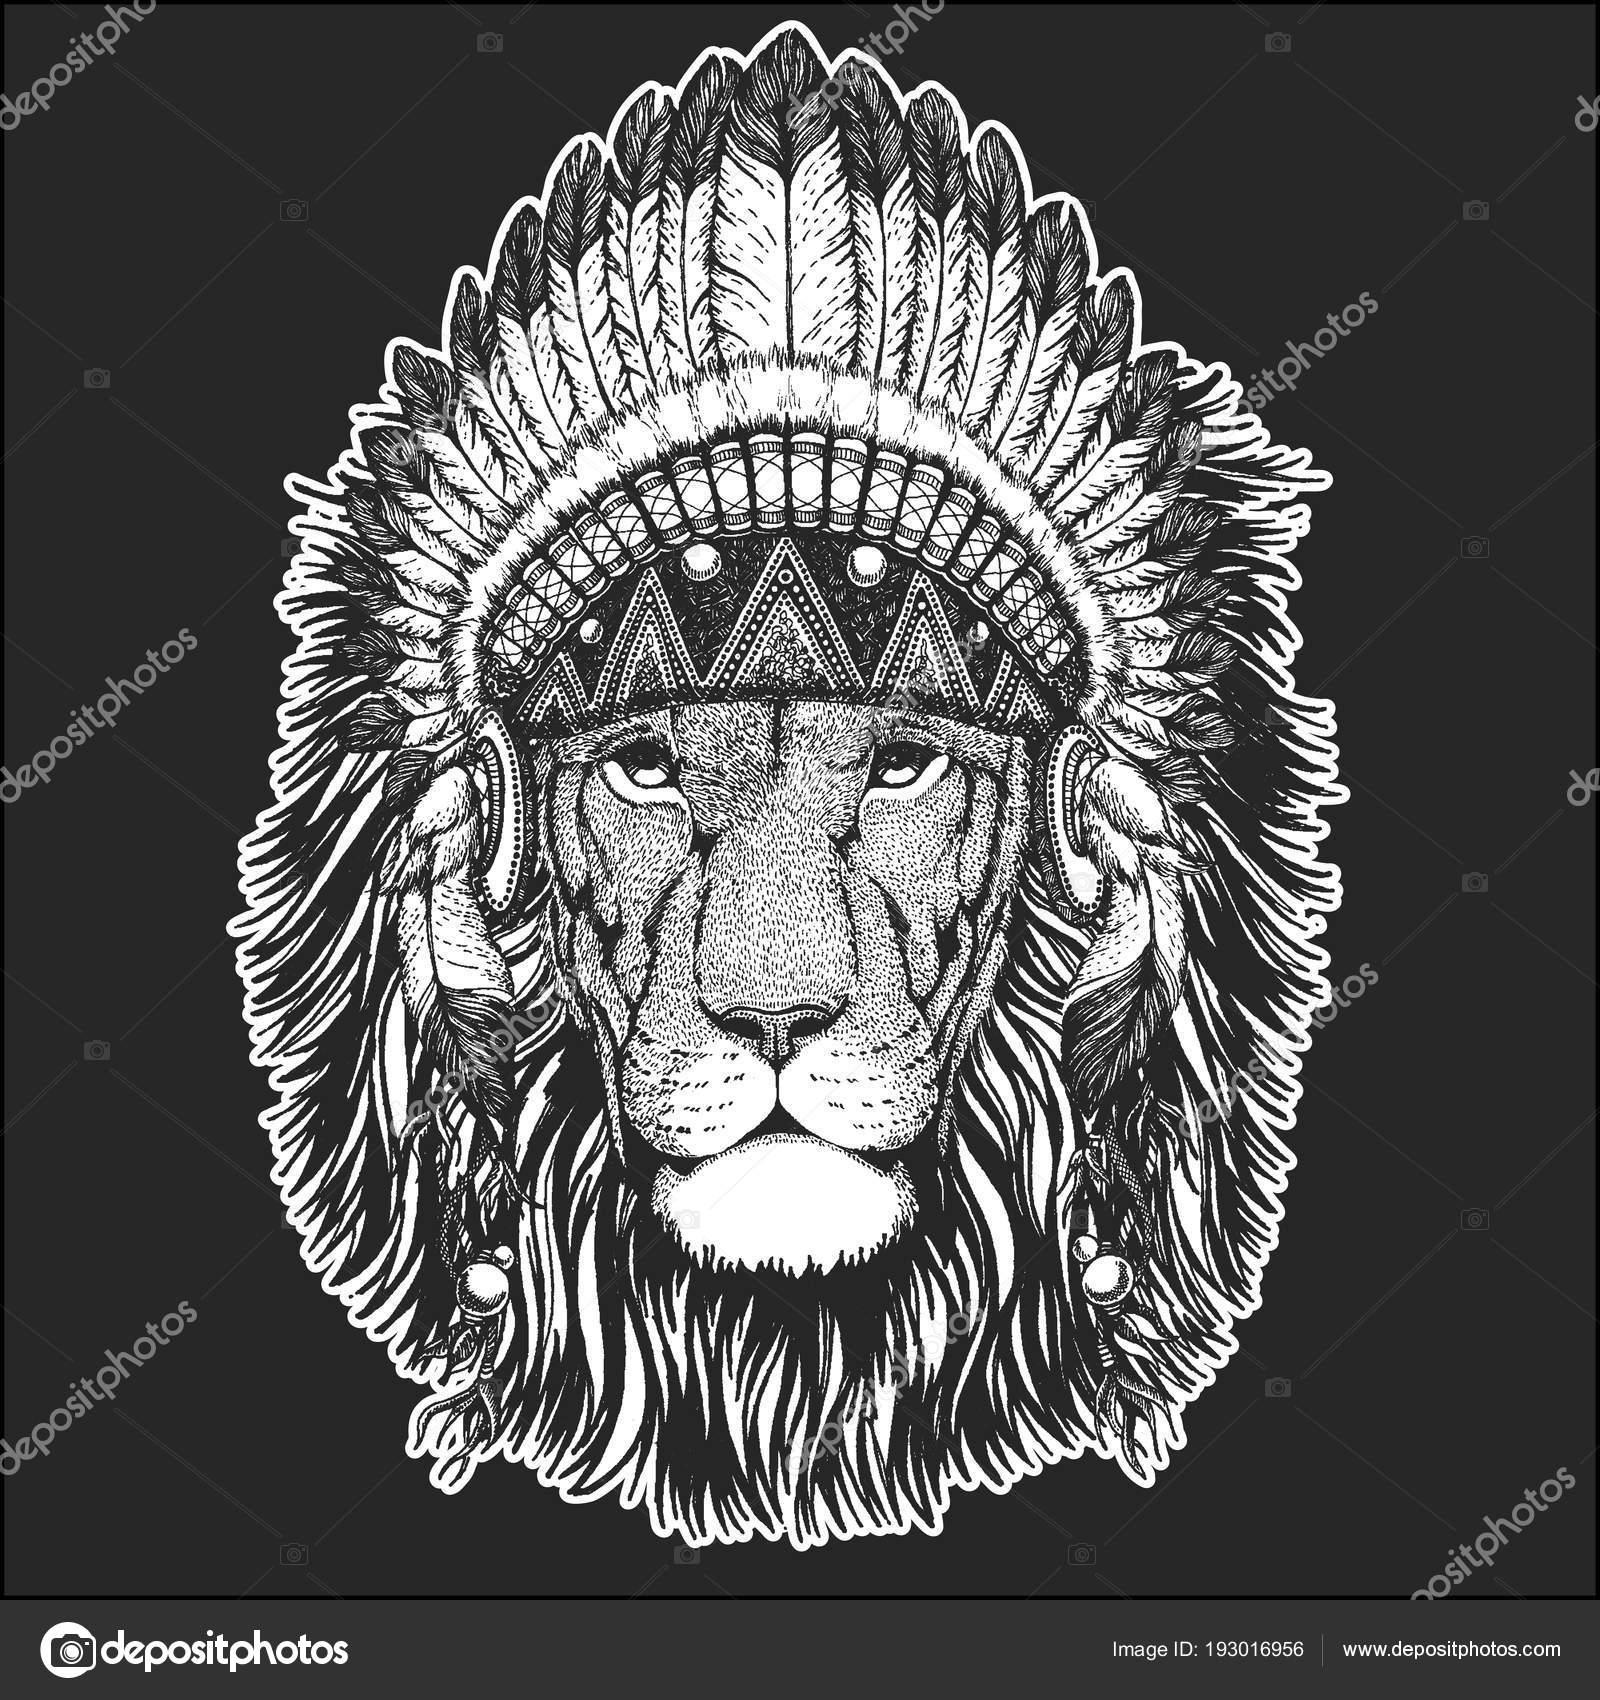 Dibujos Indios Apaches A Lapiz León Salvaje Fresco Animal Tocado